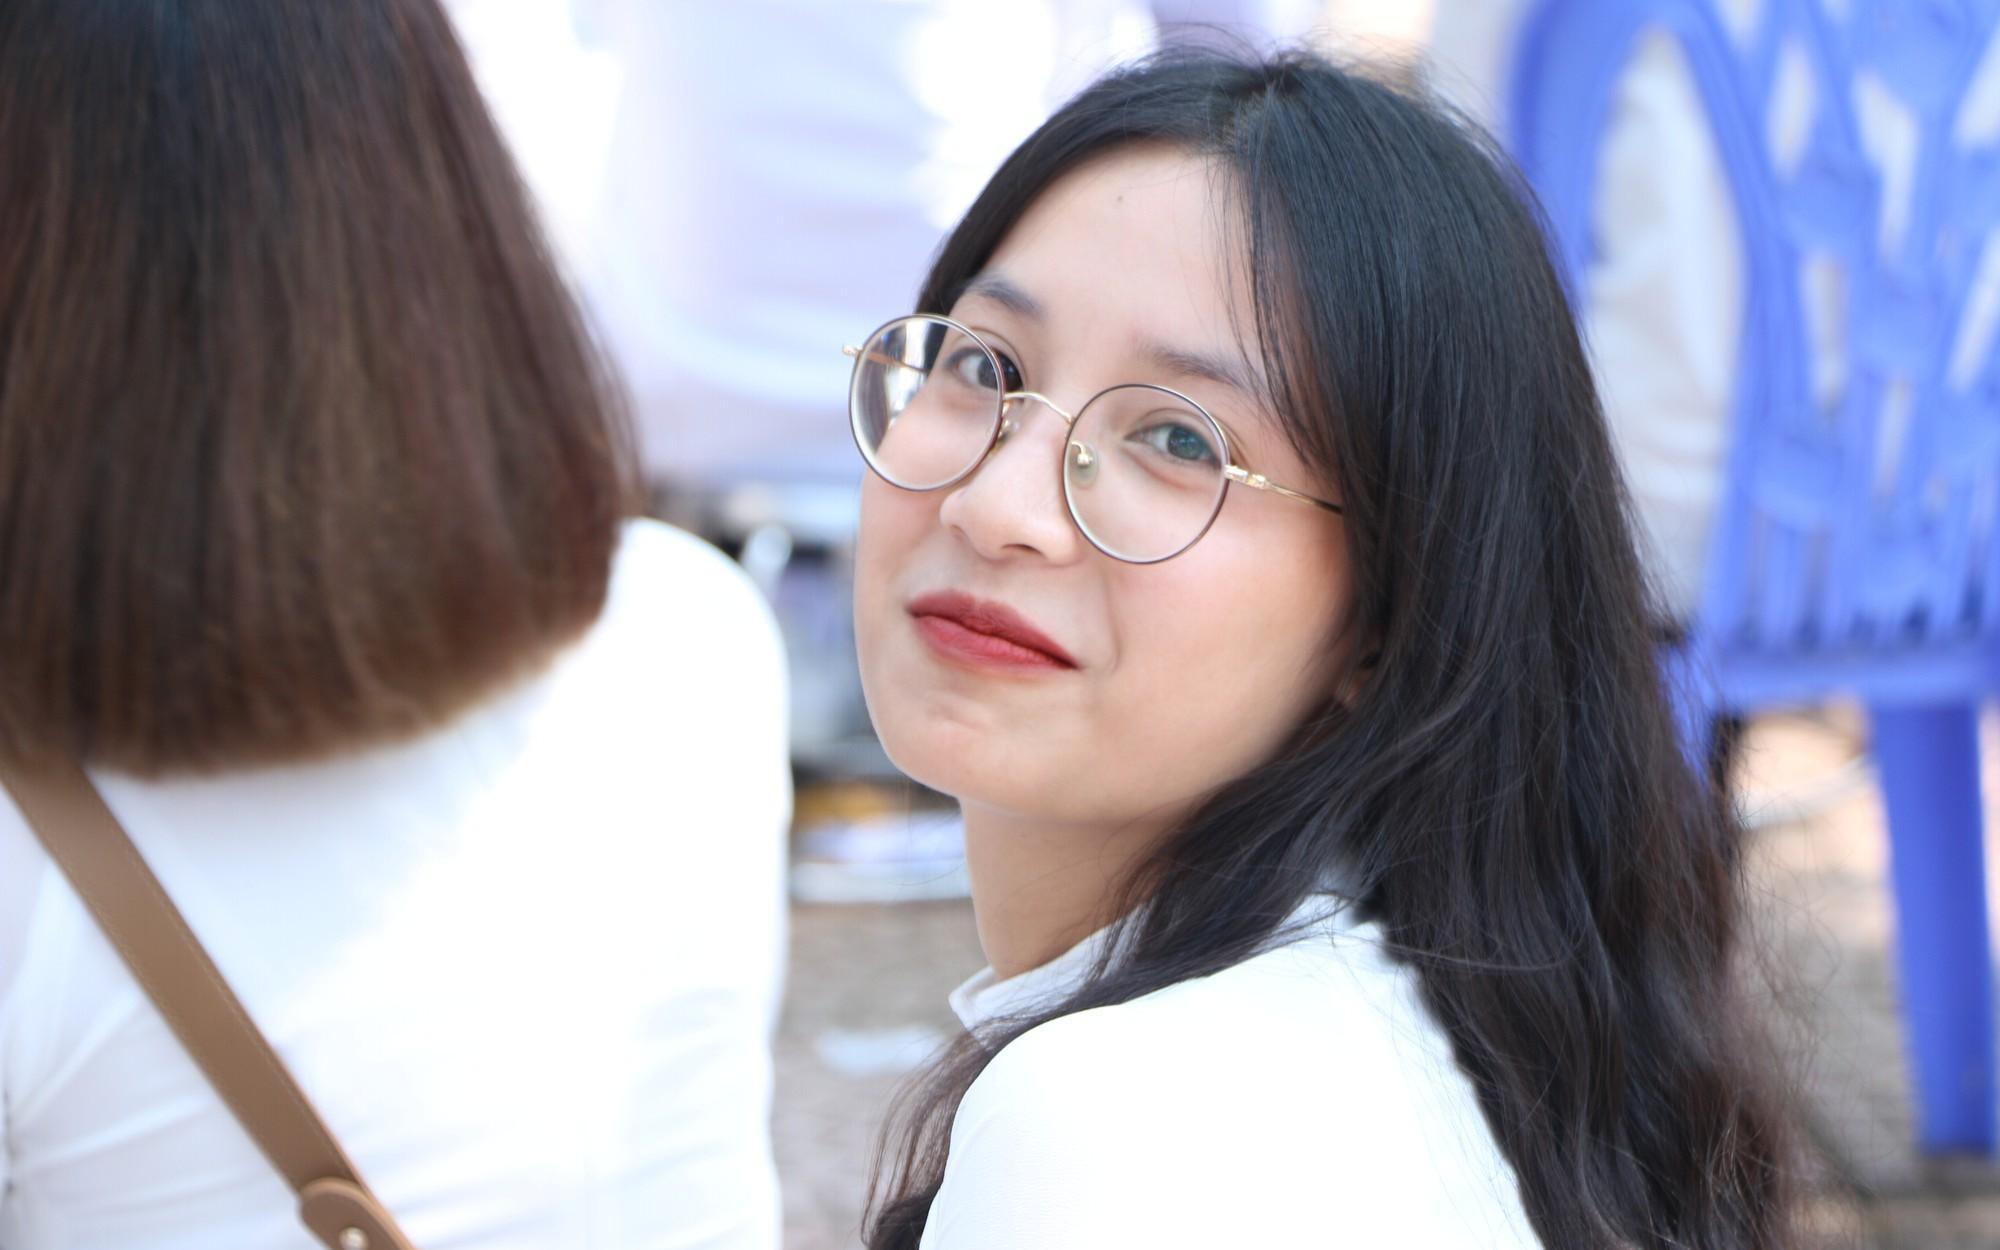 Đề thi thử THPT quốc gia 2019 môn Lịch sử THPT Yên Lạc lần 3